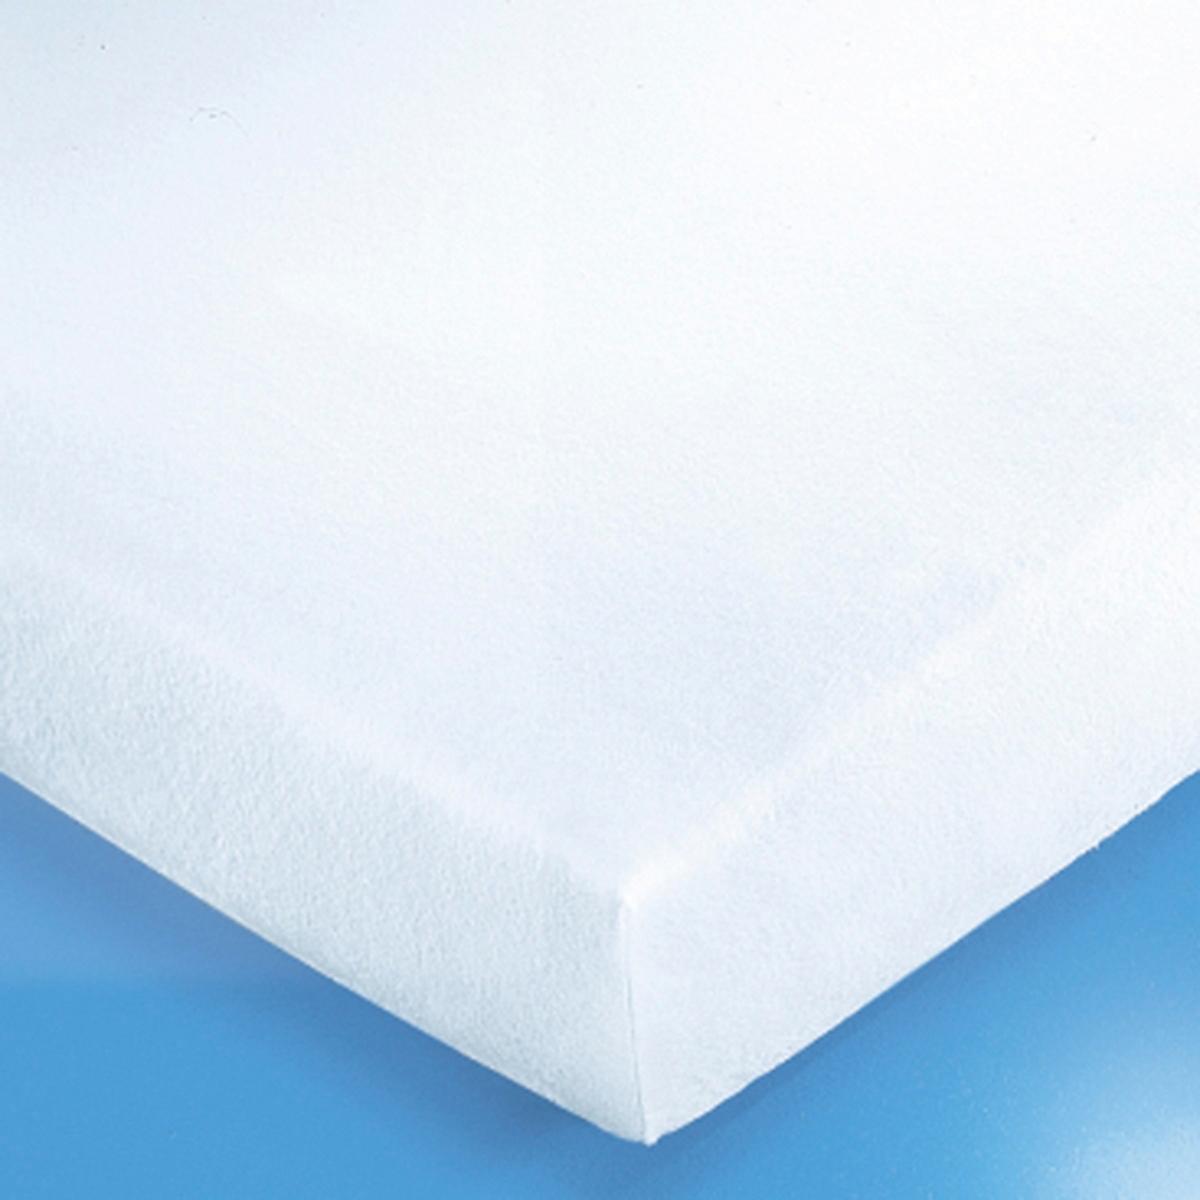 Чехол защитный для матраса флисовый, 400 г/м?Надежная защита для Ваших постельных принадлежностей и уникальный комфорт для Вас: этот чехол поглощает потоотделения, выделение которых неизбежно во время сна, и защищает подушки и одеяла от появления разводов, скапливания бактерий и клещей.Характеристики защитного матраса :Износостойкий флисовый чехол из очень мягкого чистого хлопка (начёс с лица и с изнанки).Стирка при 95°С для идеальной гигиены, обработка от усадки ткани SANFOR. Биоцидная обработка .4 эластичных угла (высота. 27 см).Размеры :80 x 200 см, 90 x 200 см, 140 x 200 см, 150 x 200 см, 160 x 200 см, 180 x 200 см<br><br>Цвет: белый<br>Размер: 120 x 190 см